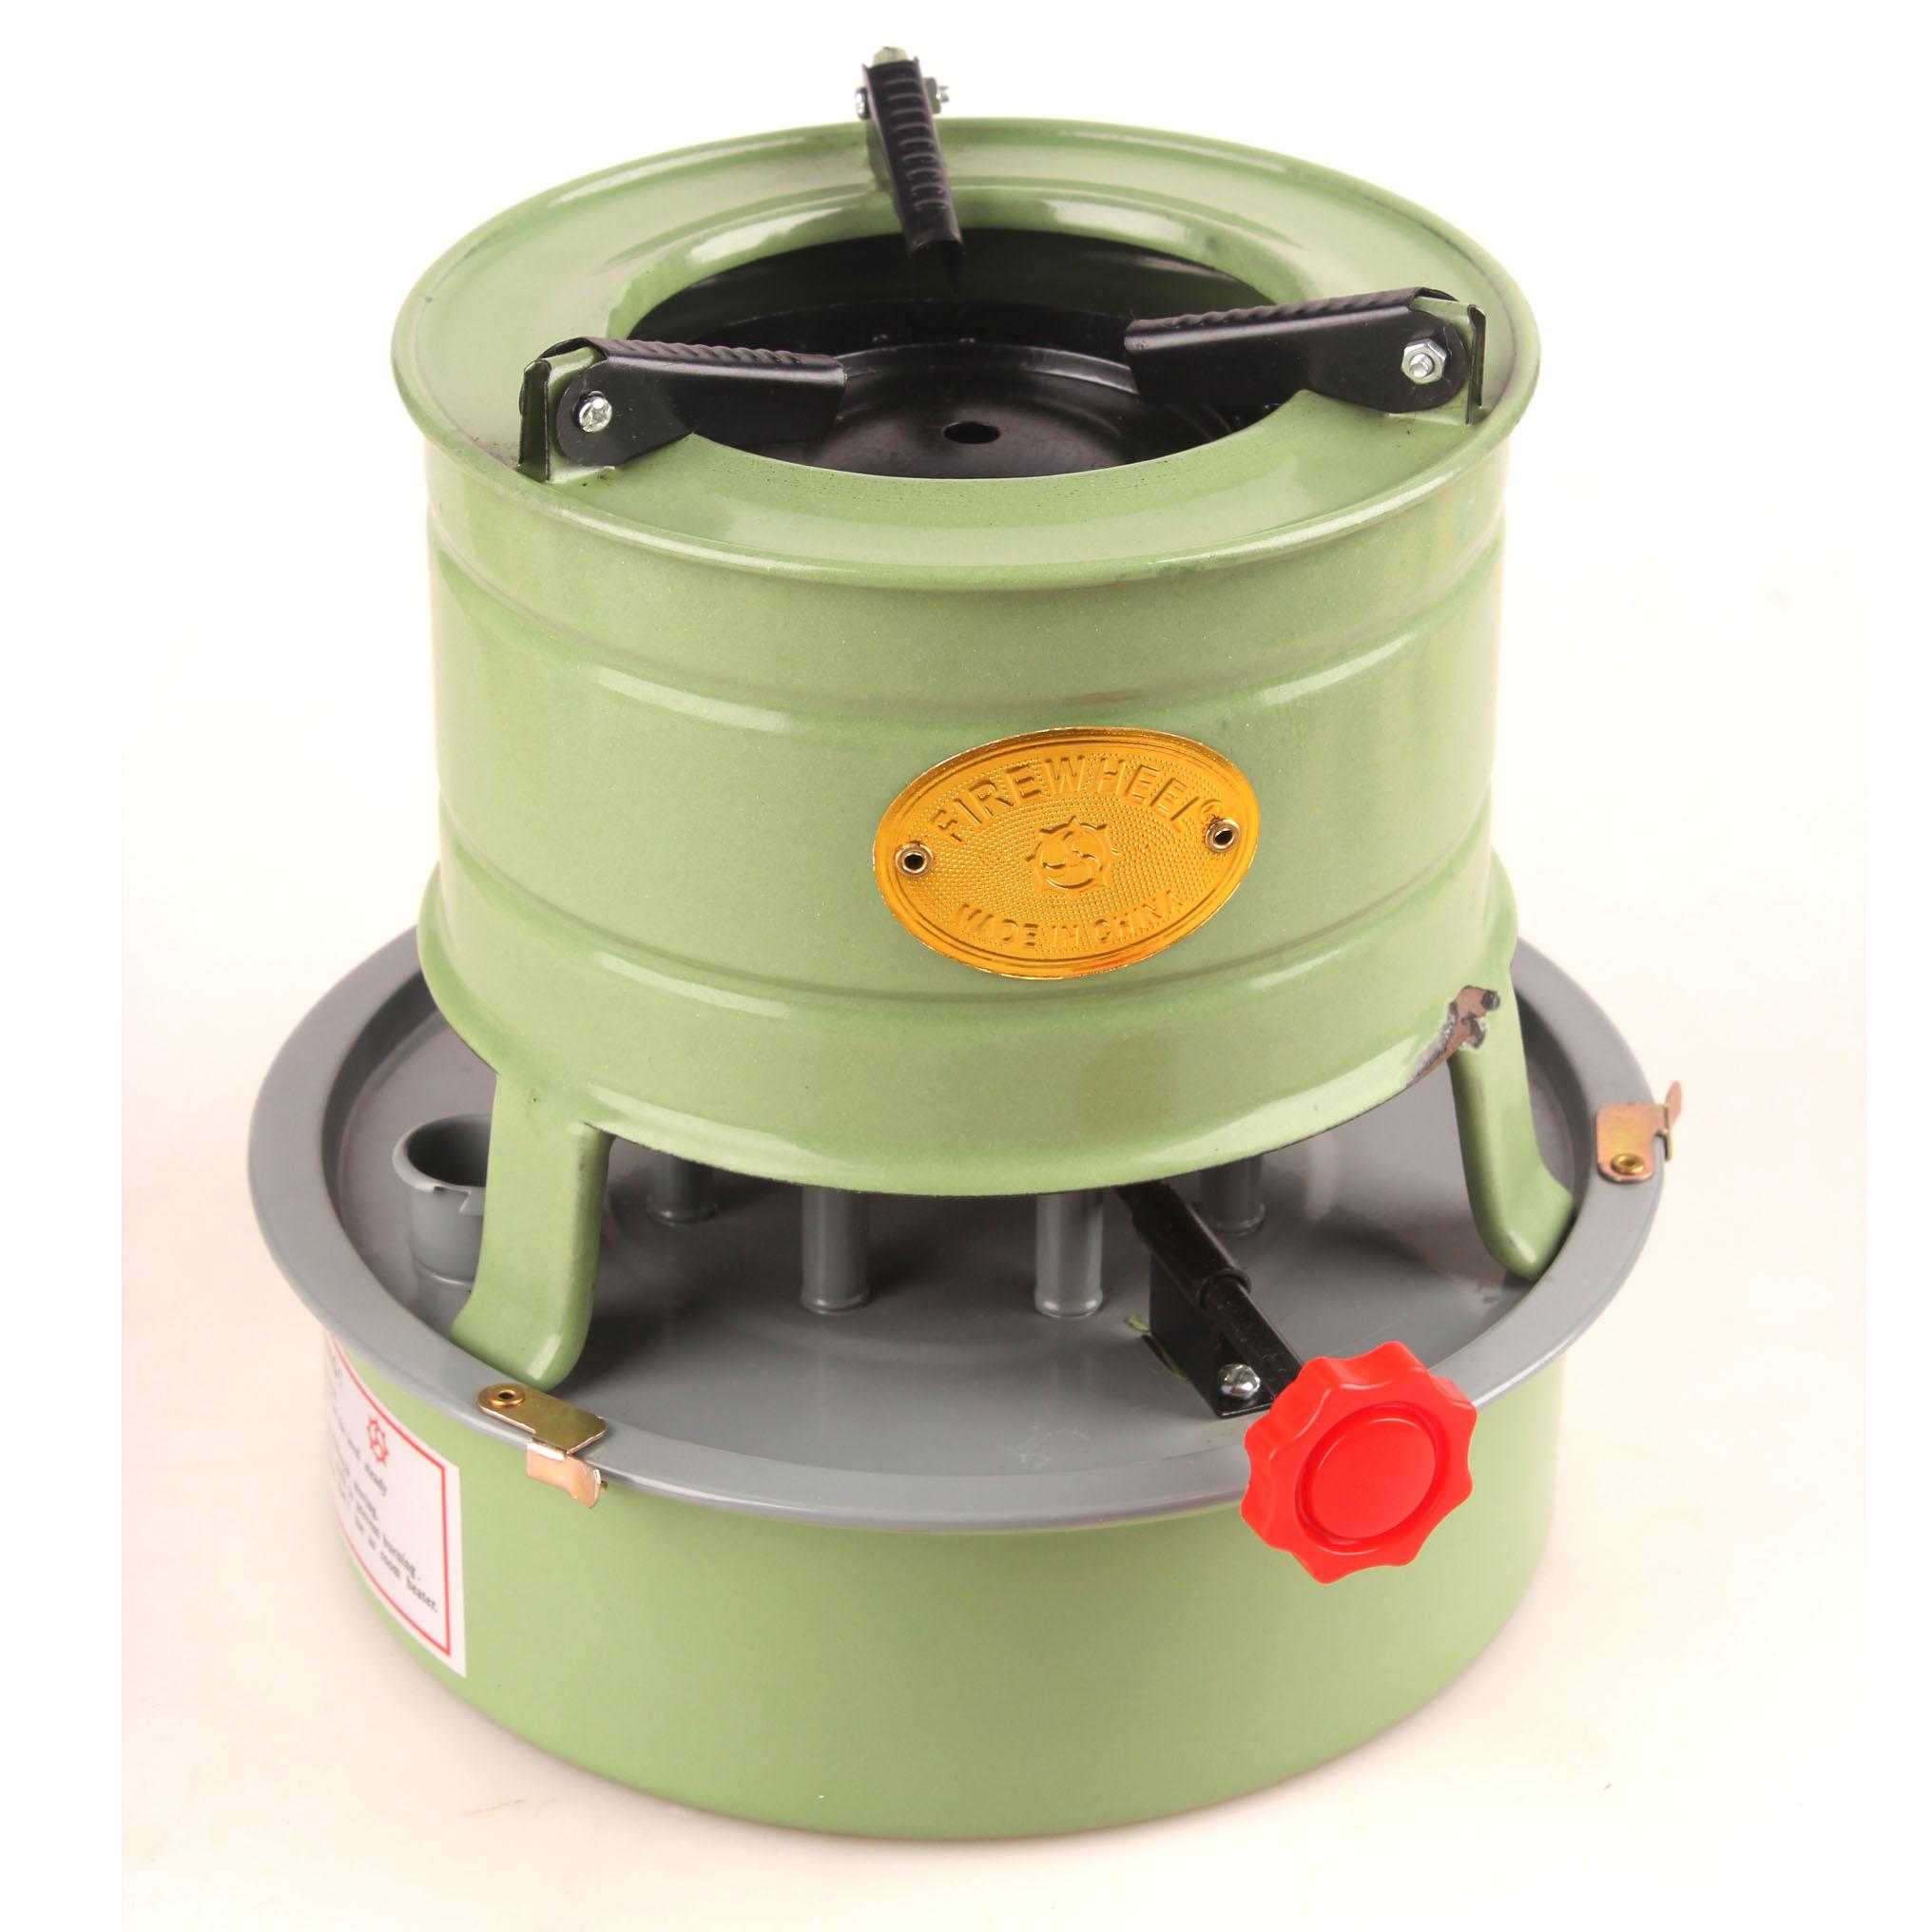 2.5L Capacity of Oil 641 Kerosene Stoves